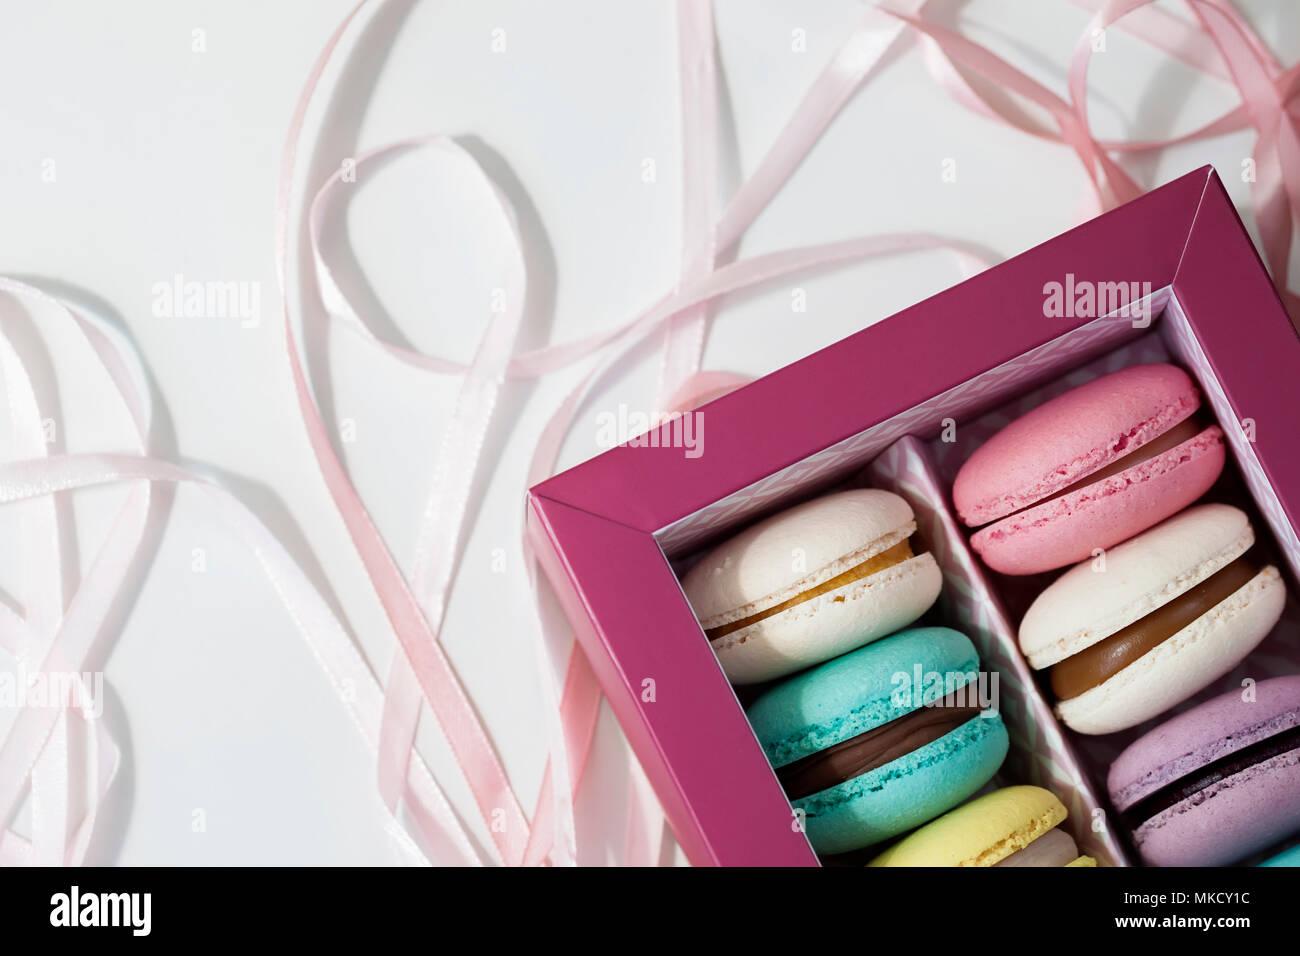 Caja de macarons de colores diferentes con diferentes sabores de cerca en una luz de fondo para su texto, vista superior Imagen De Stock